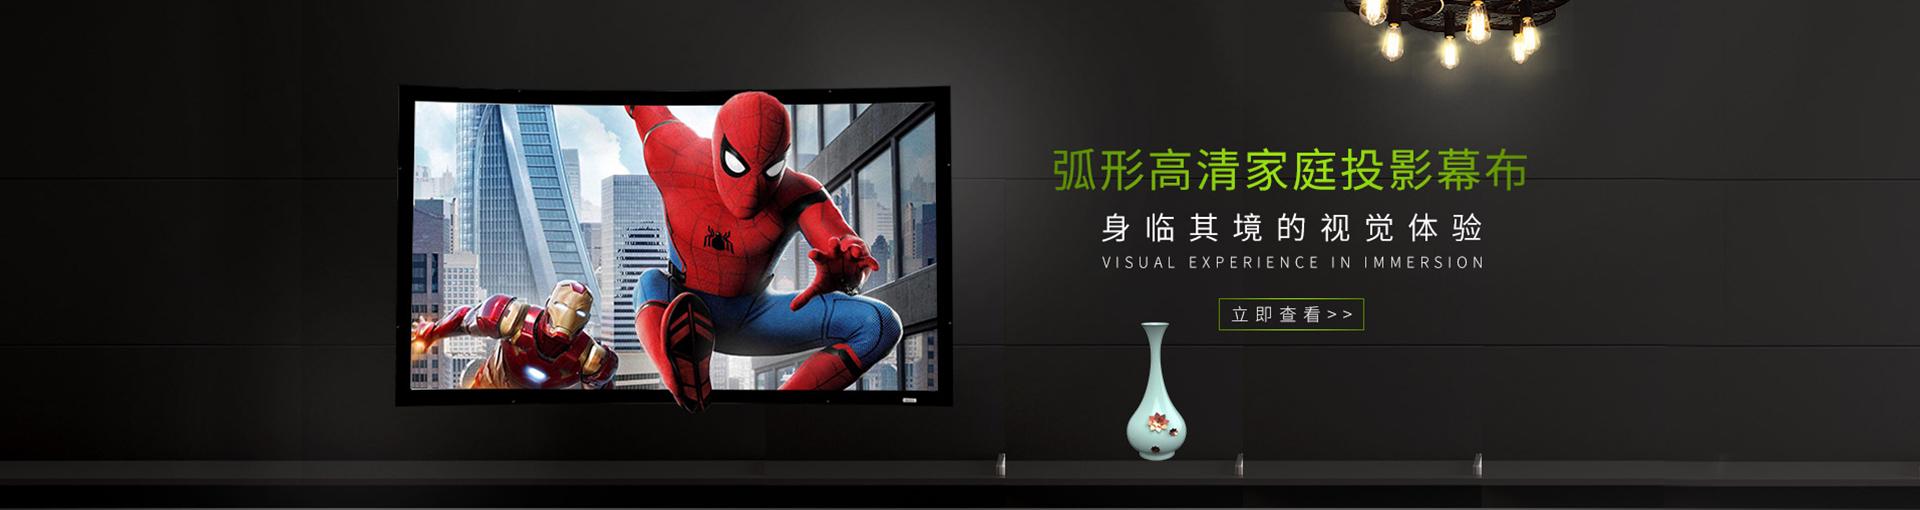 SK系列定制银幕 定制3D私人影院专业平面银幕